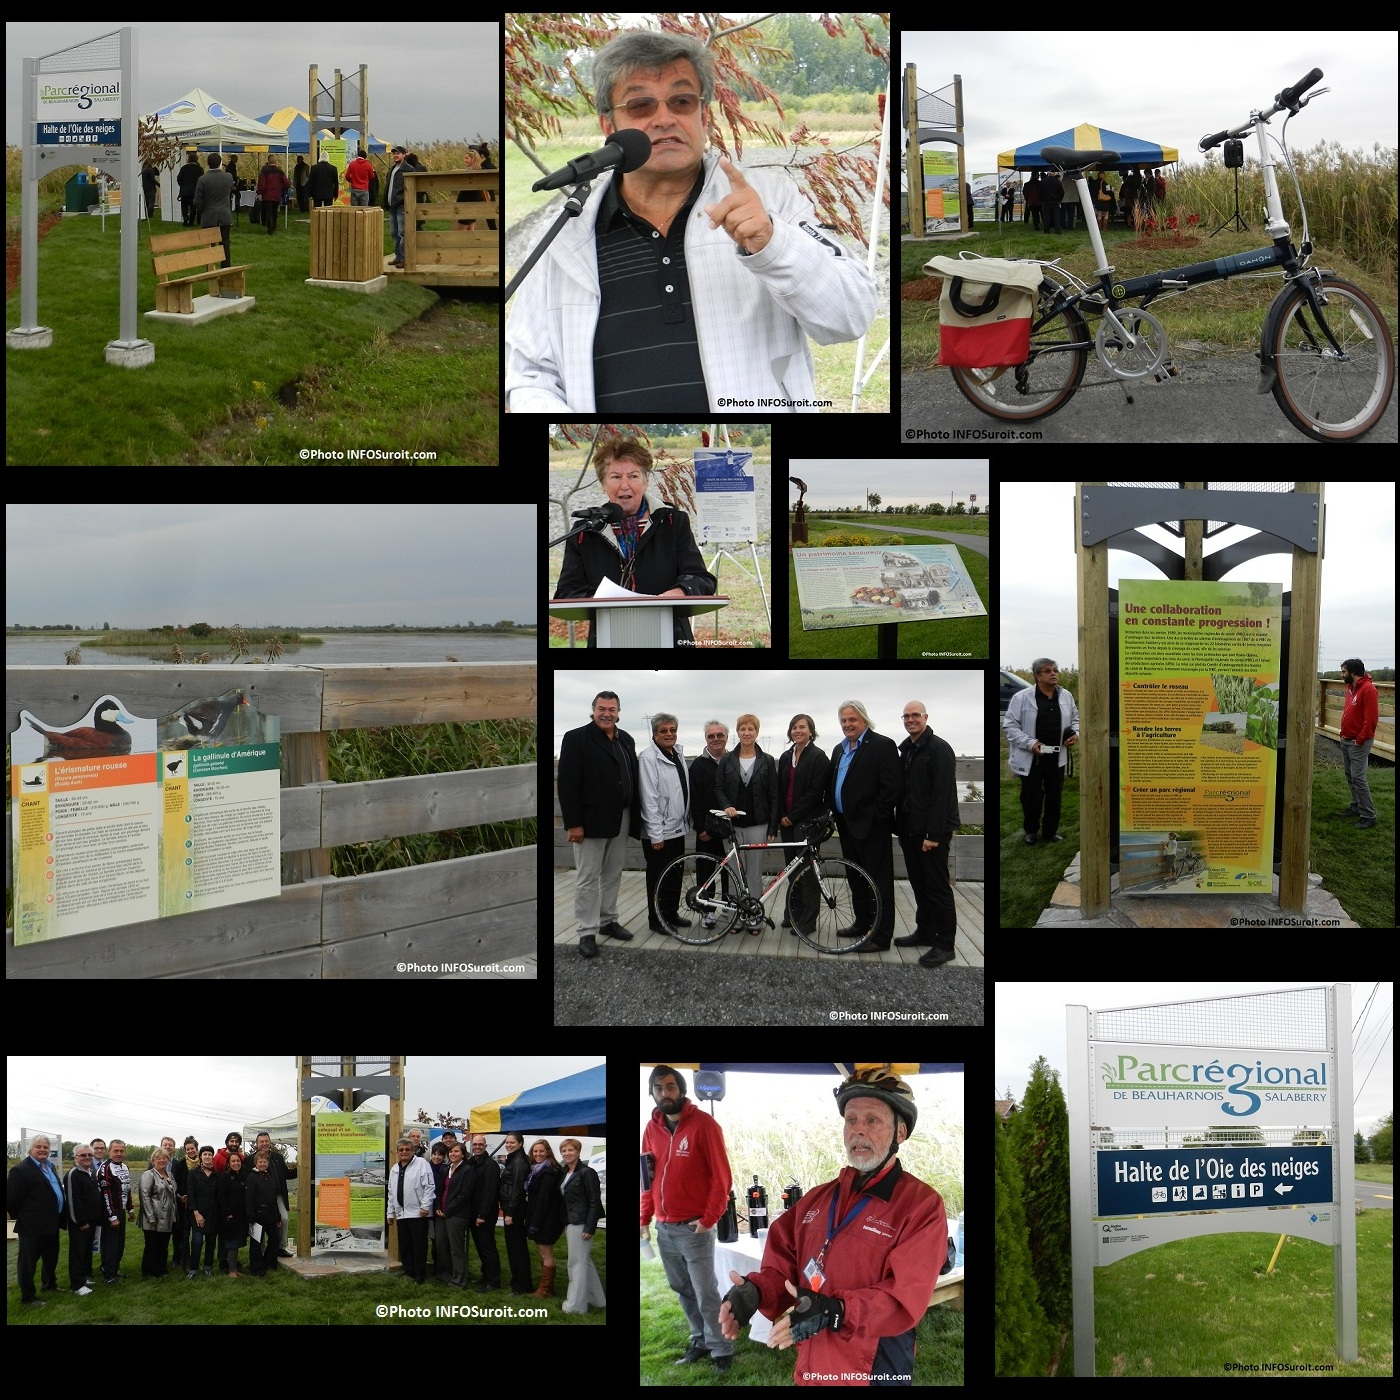 Inauguration-Halte-de-l-Oie-des-Neiges-a-Beauharnois-velo-pistes-cyclables-Montage-Photos-INFOSuroit-com_